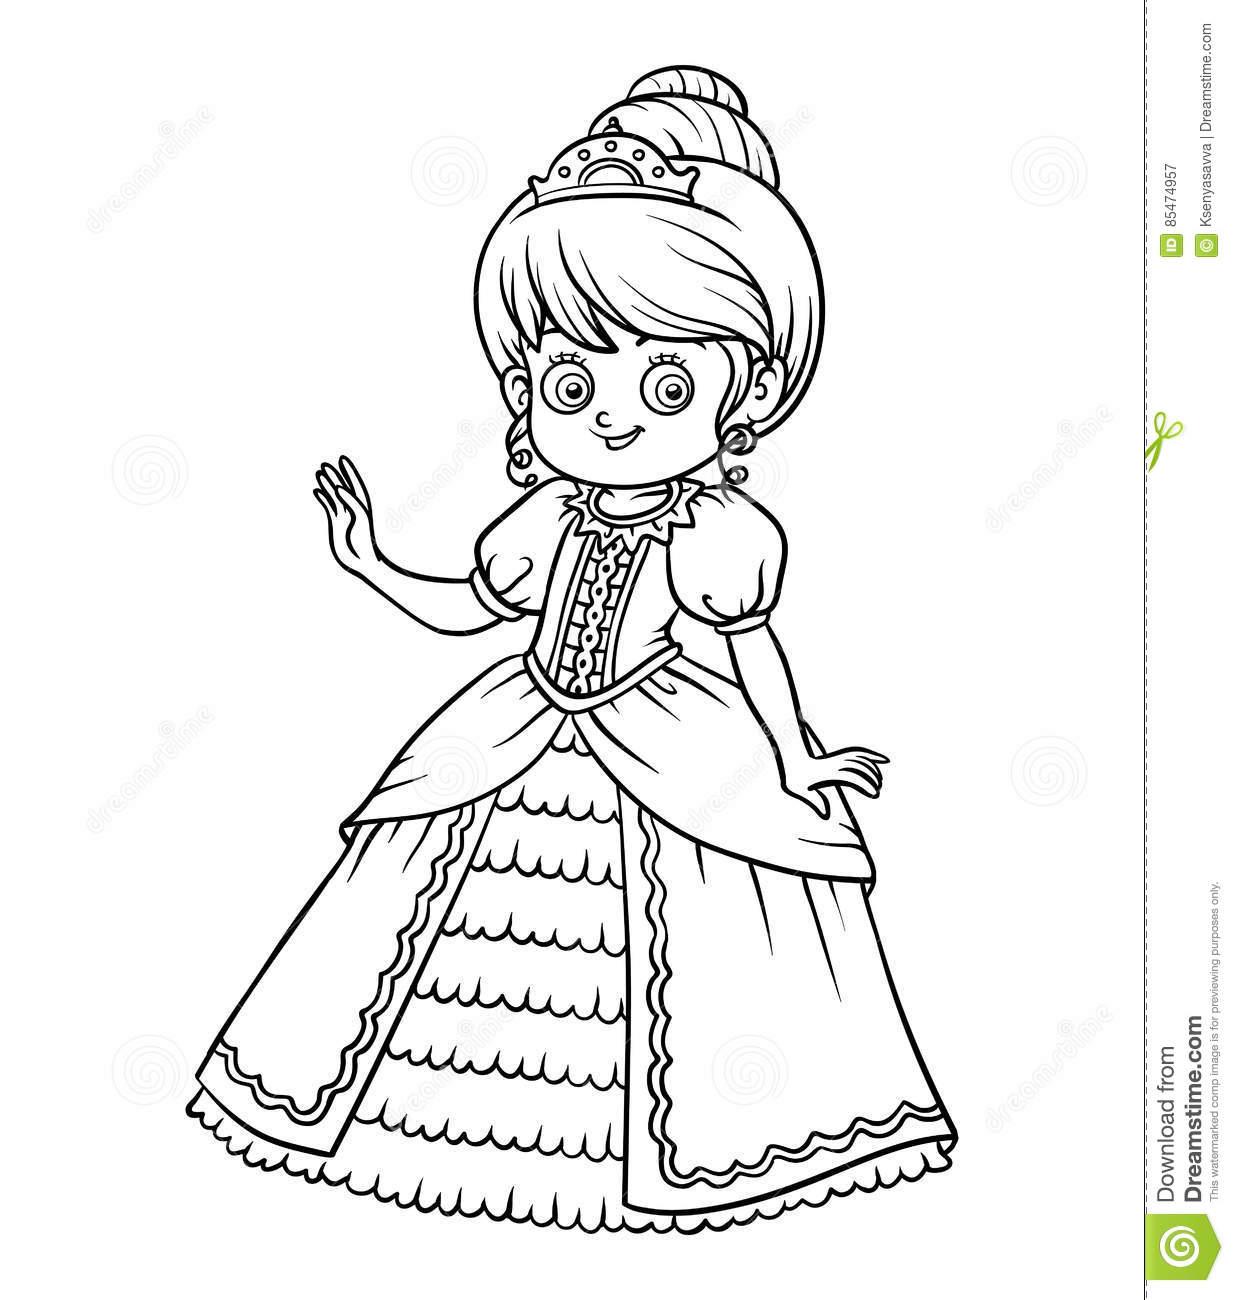 Livre De Coloriage, Personnage De Dessin Animé, Princesse dedans Personnage À Colorier